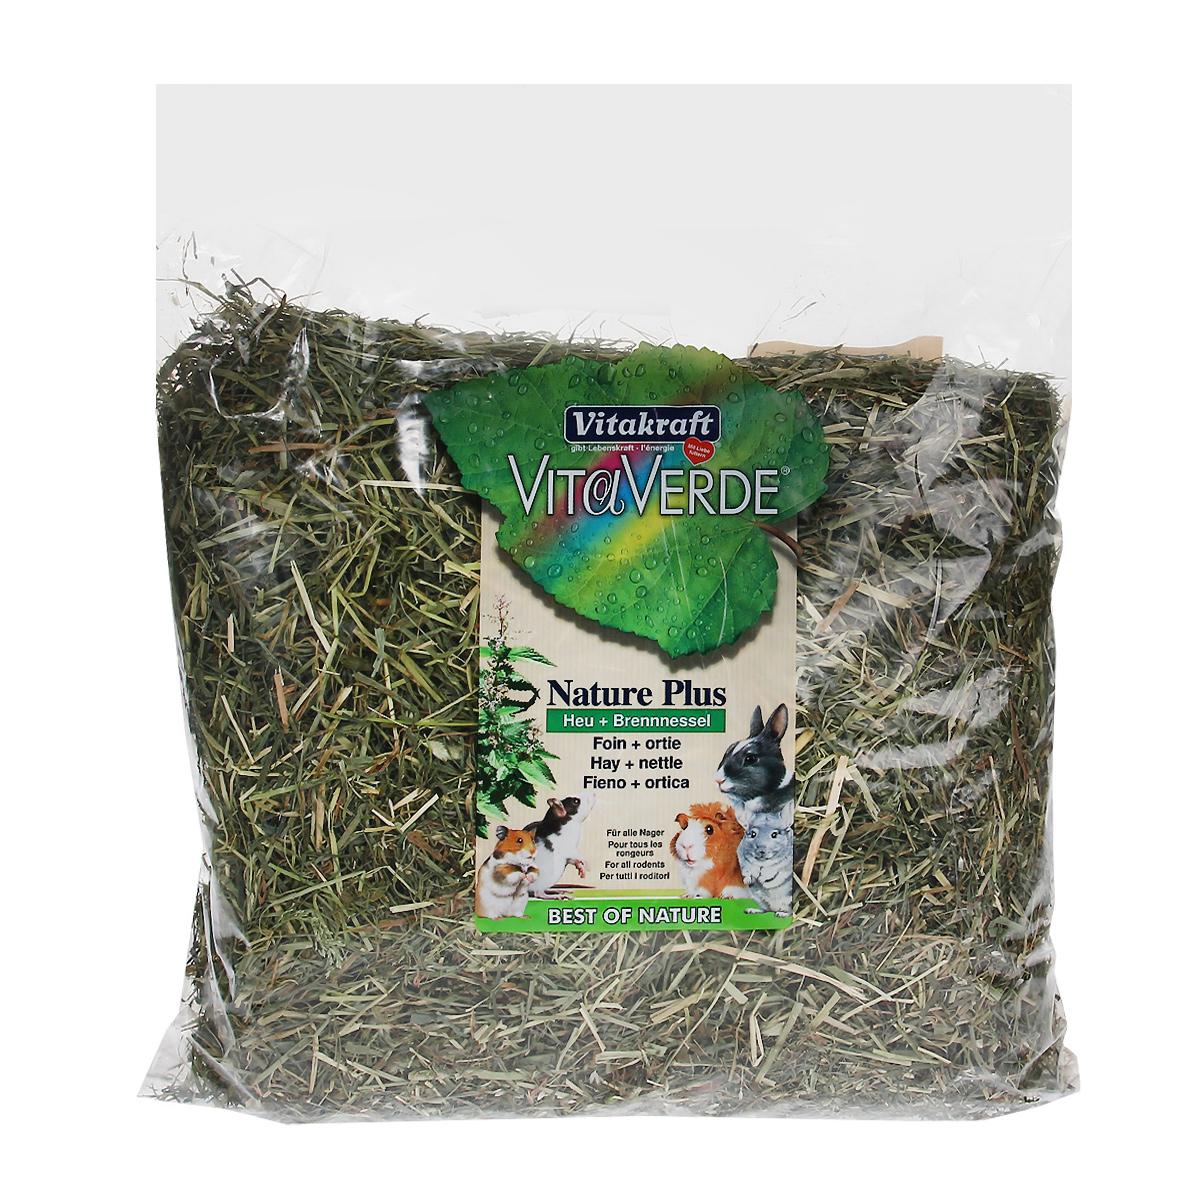 Сено луговое Vitakraft Vita Verde, с крапивой, 500 г13069Сено луговое Vitakraft Vita Verde с крапивой из тщательно отобранных луговых трав. В листьях крапивы содержится большое количество каротина, что помогает укрепить иммунную систему организма и стимулирует правильный обмен веществ. Сено может быть использовано в качестве наполнителя в клетку и в качестве корма. Ежедневно давайте грызунам свежую порцию сена. Товар сертифицирован.